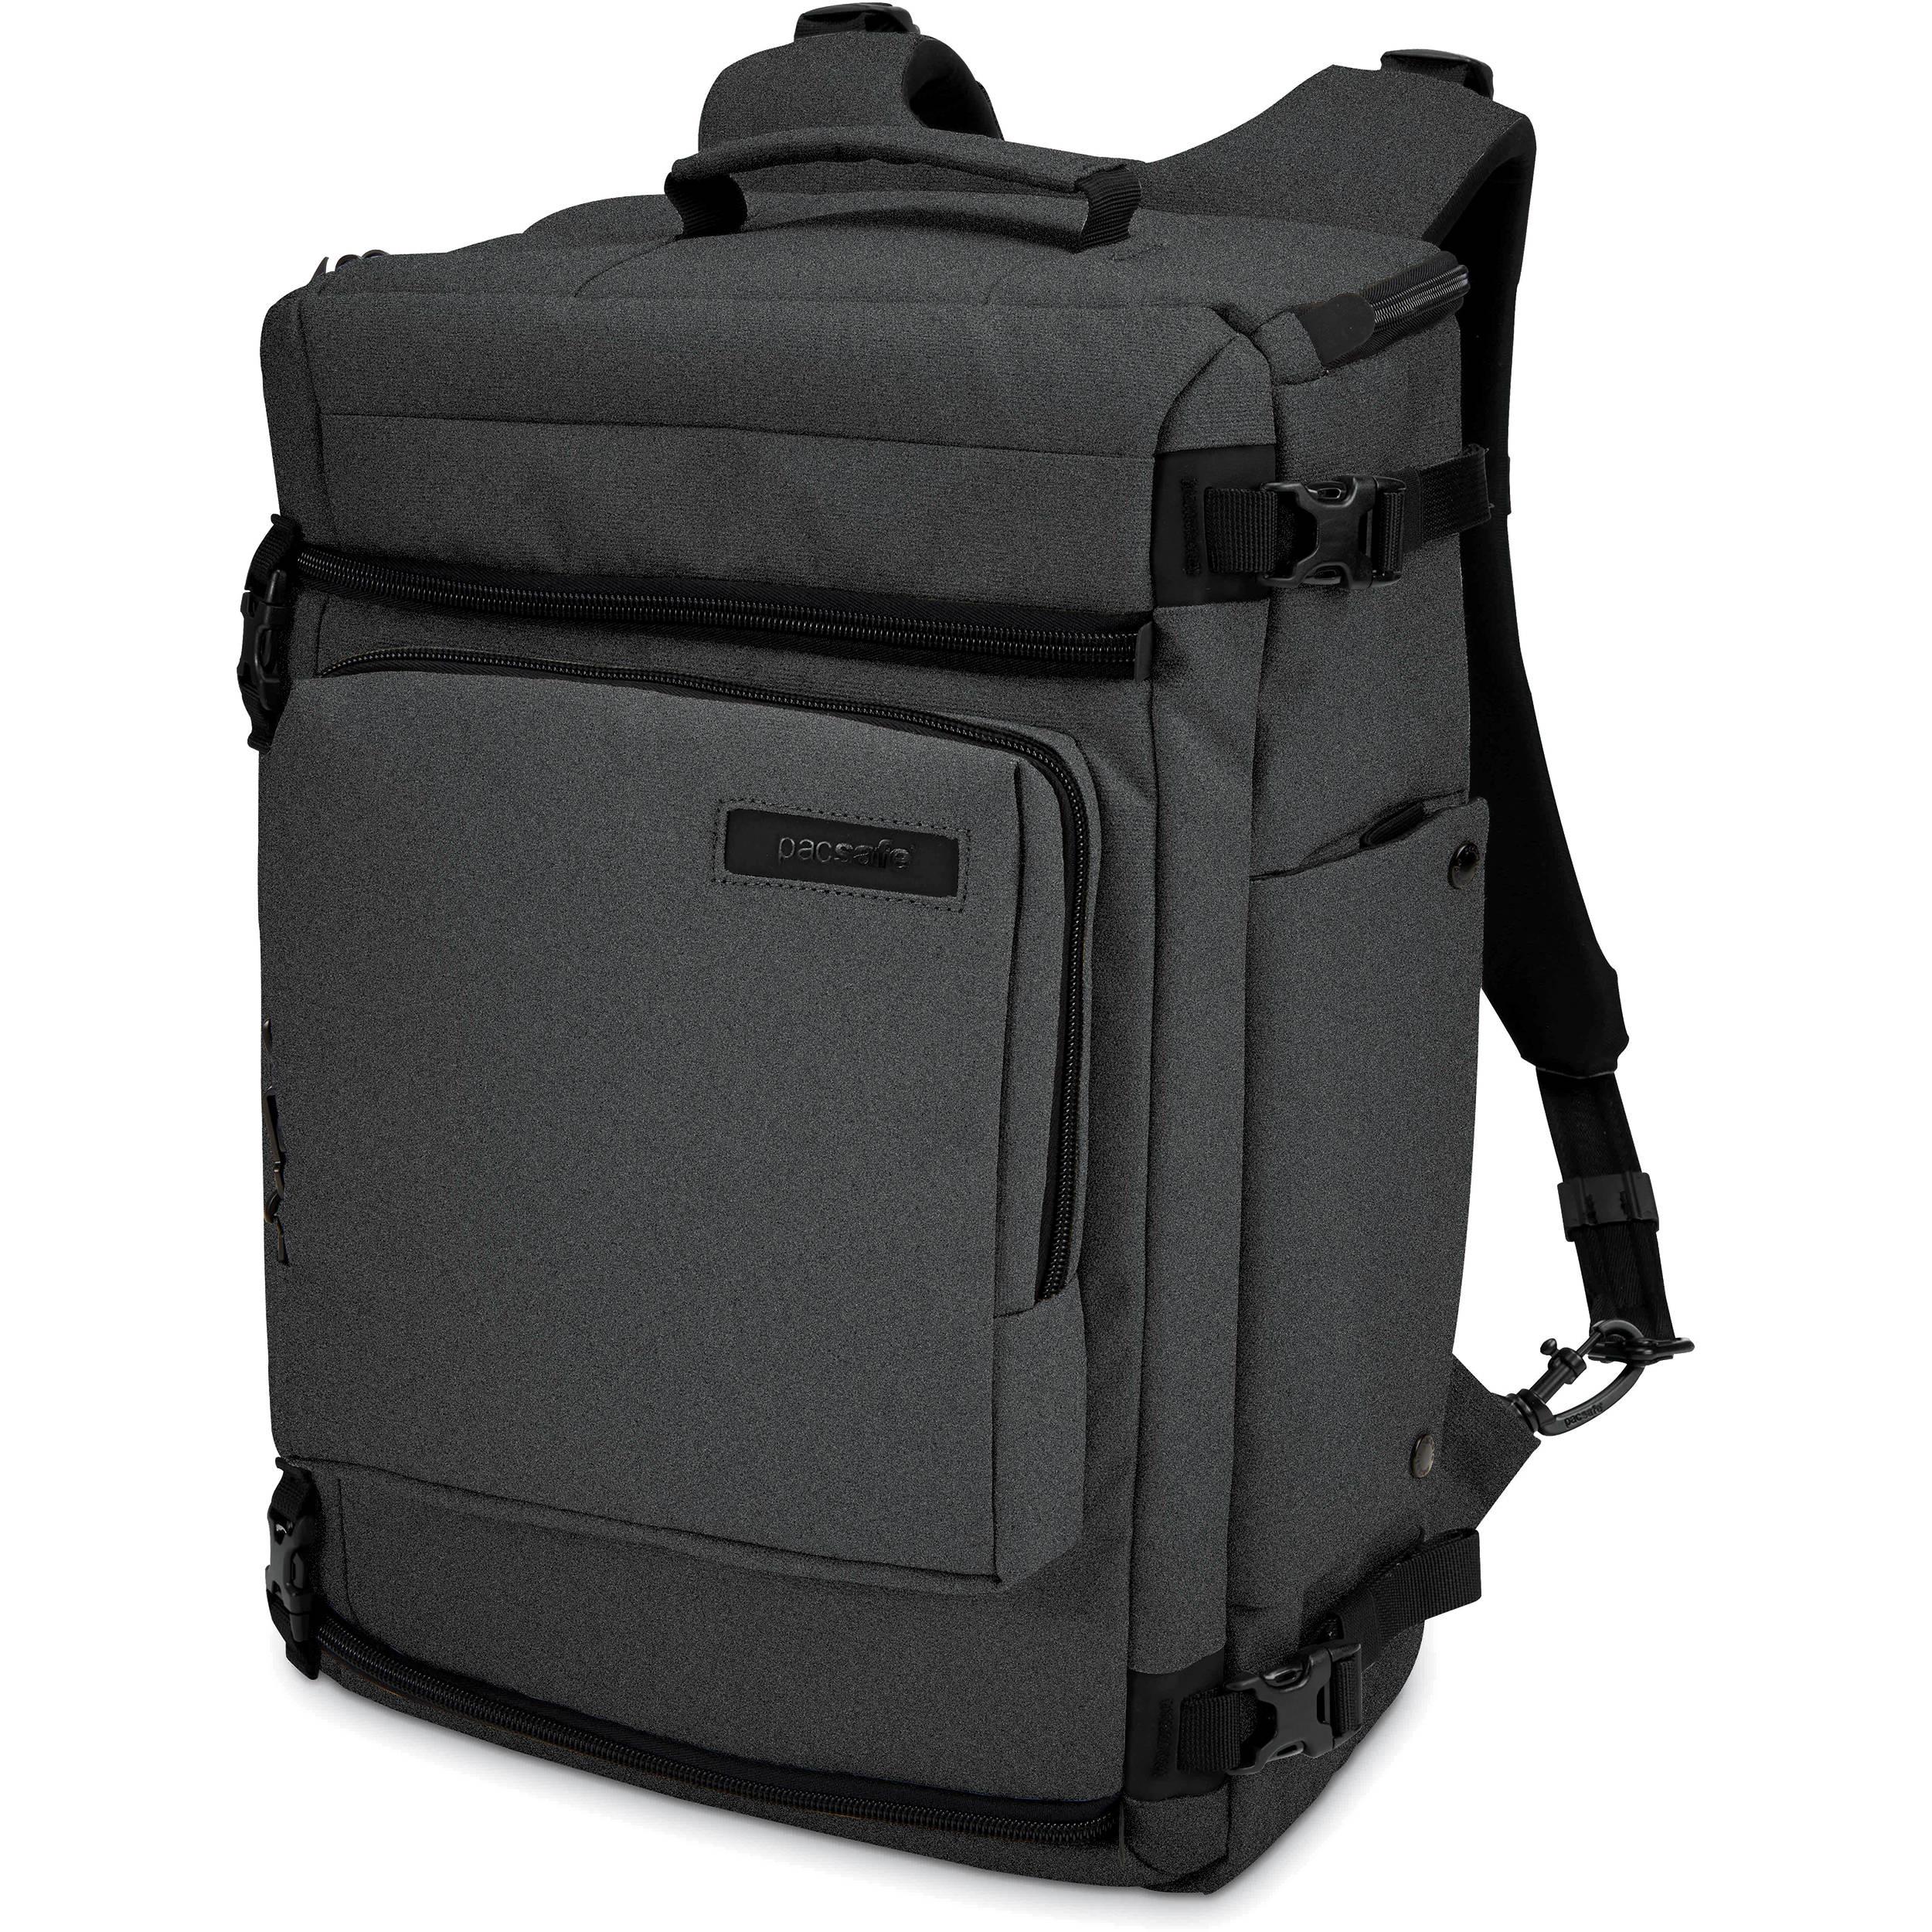 842e7c99c4 Pacsafe Camsafe Z25 Anti-Theft Camera and 15